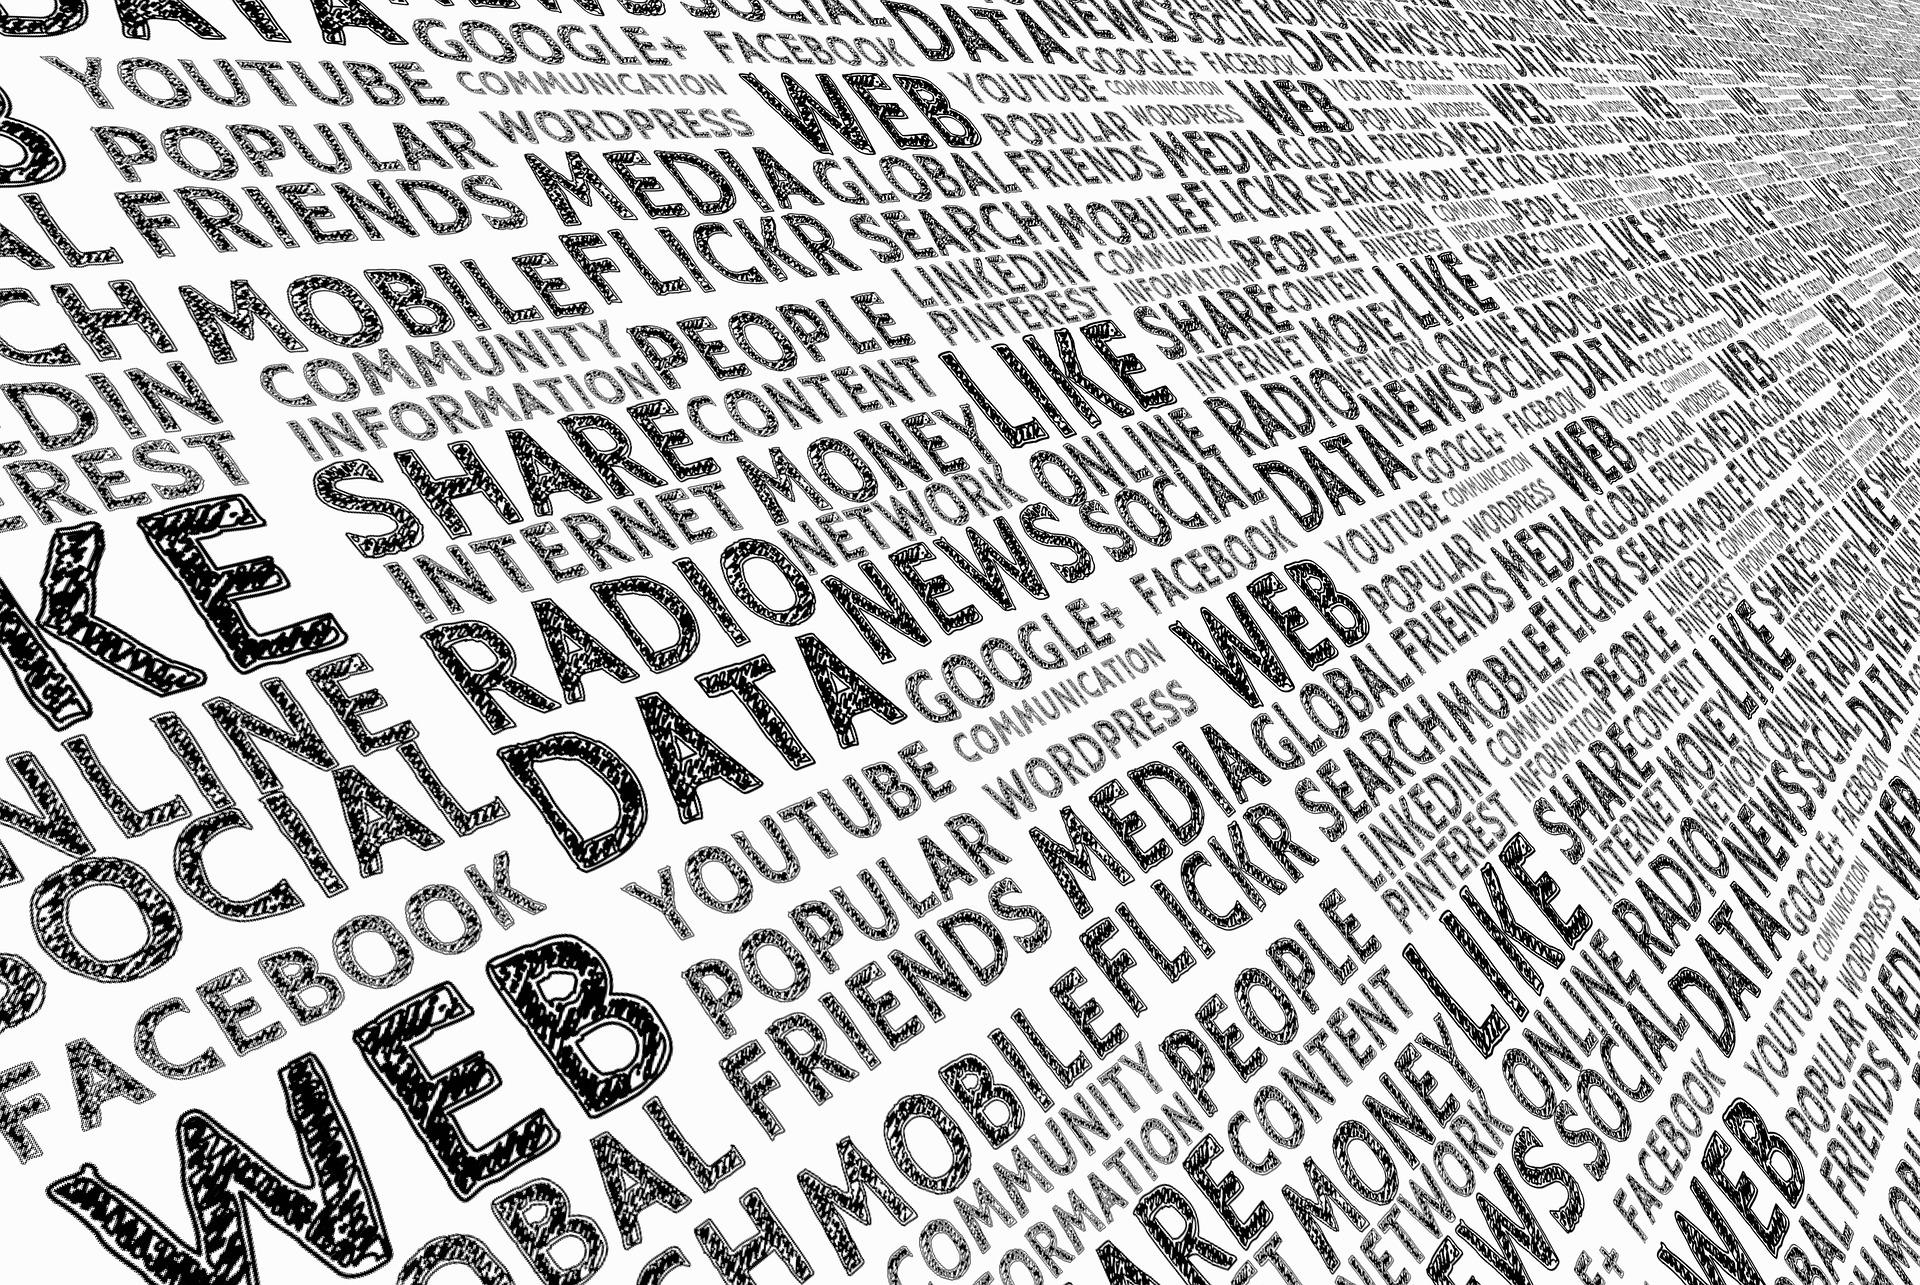 Jeff Ber discute di come i social media aiutano le organizzazioni non profit più piccole a distinguersi